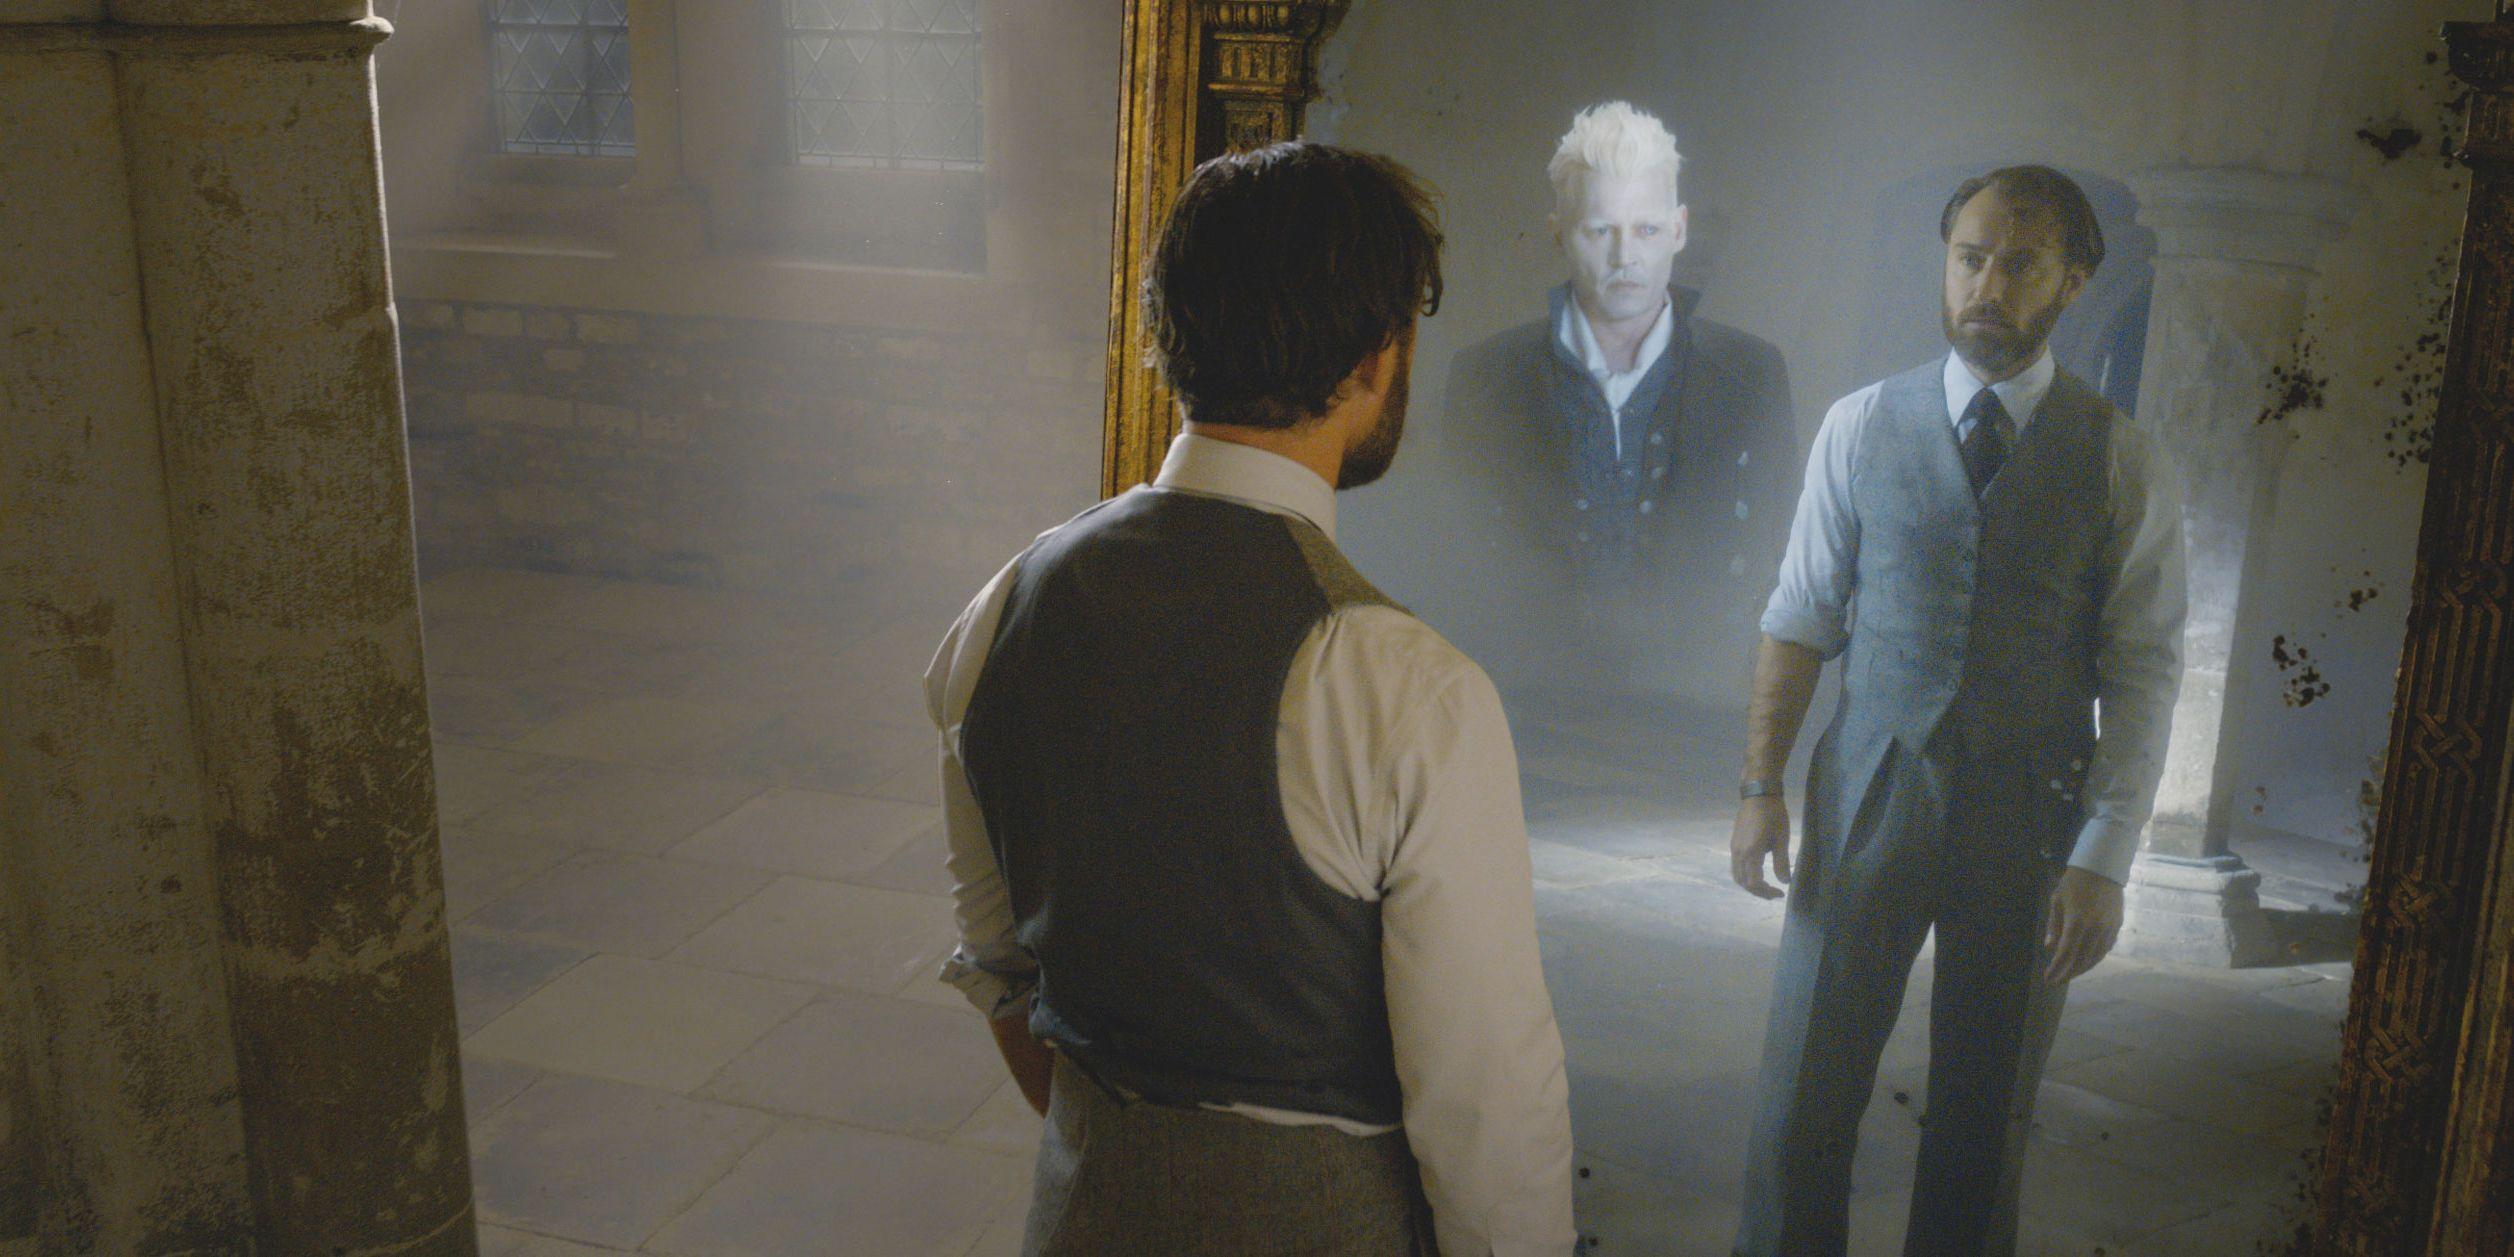 Johnny Depp, Jude Law, Albus Dumbledore, Gellert Grindelwald, Fantastic Beasts: The Crimes of Grindelwald